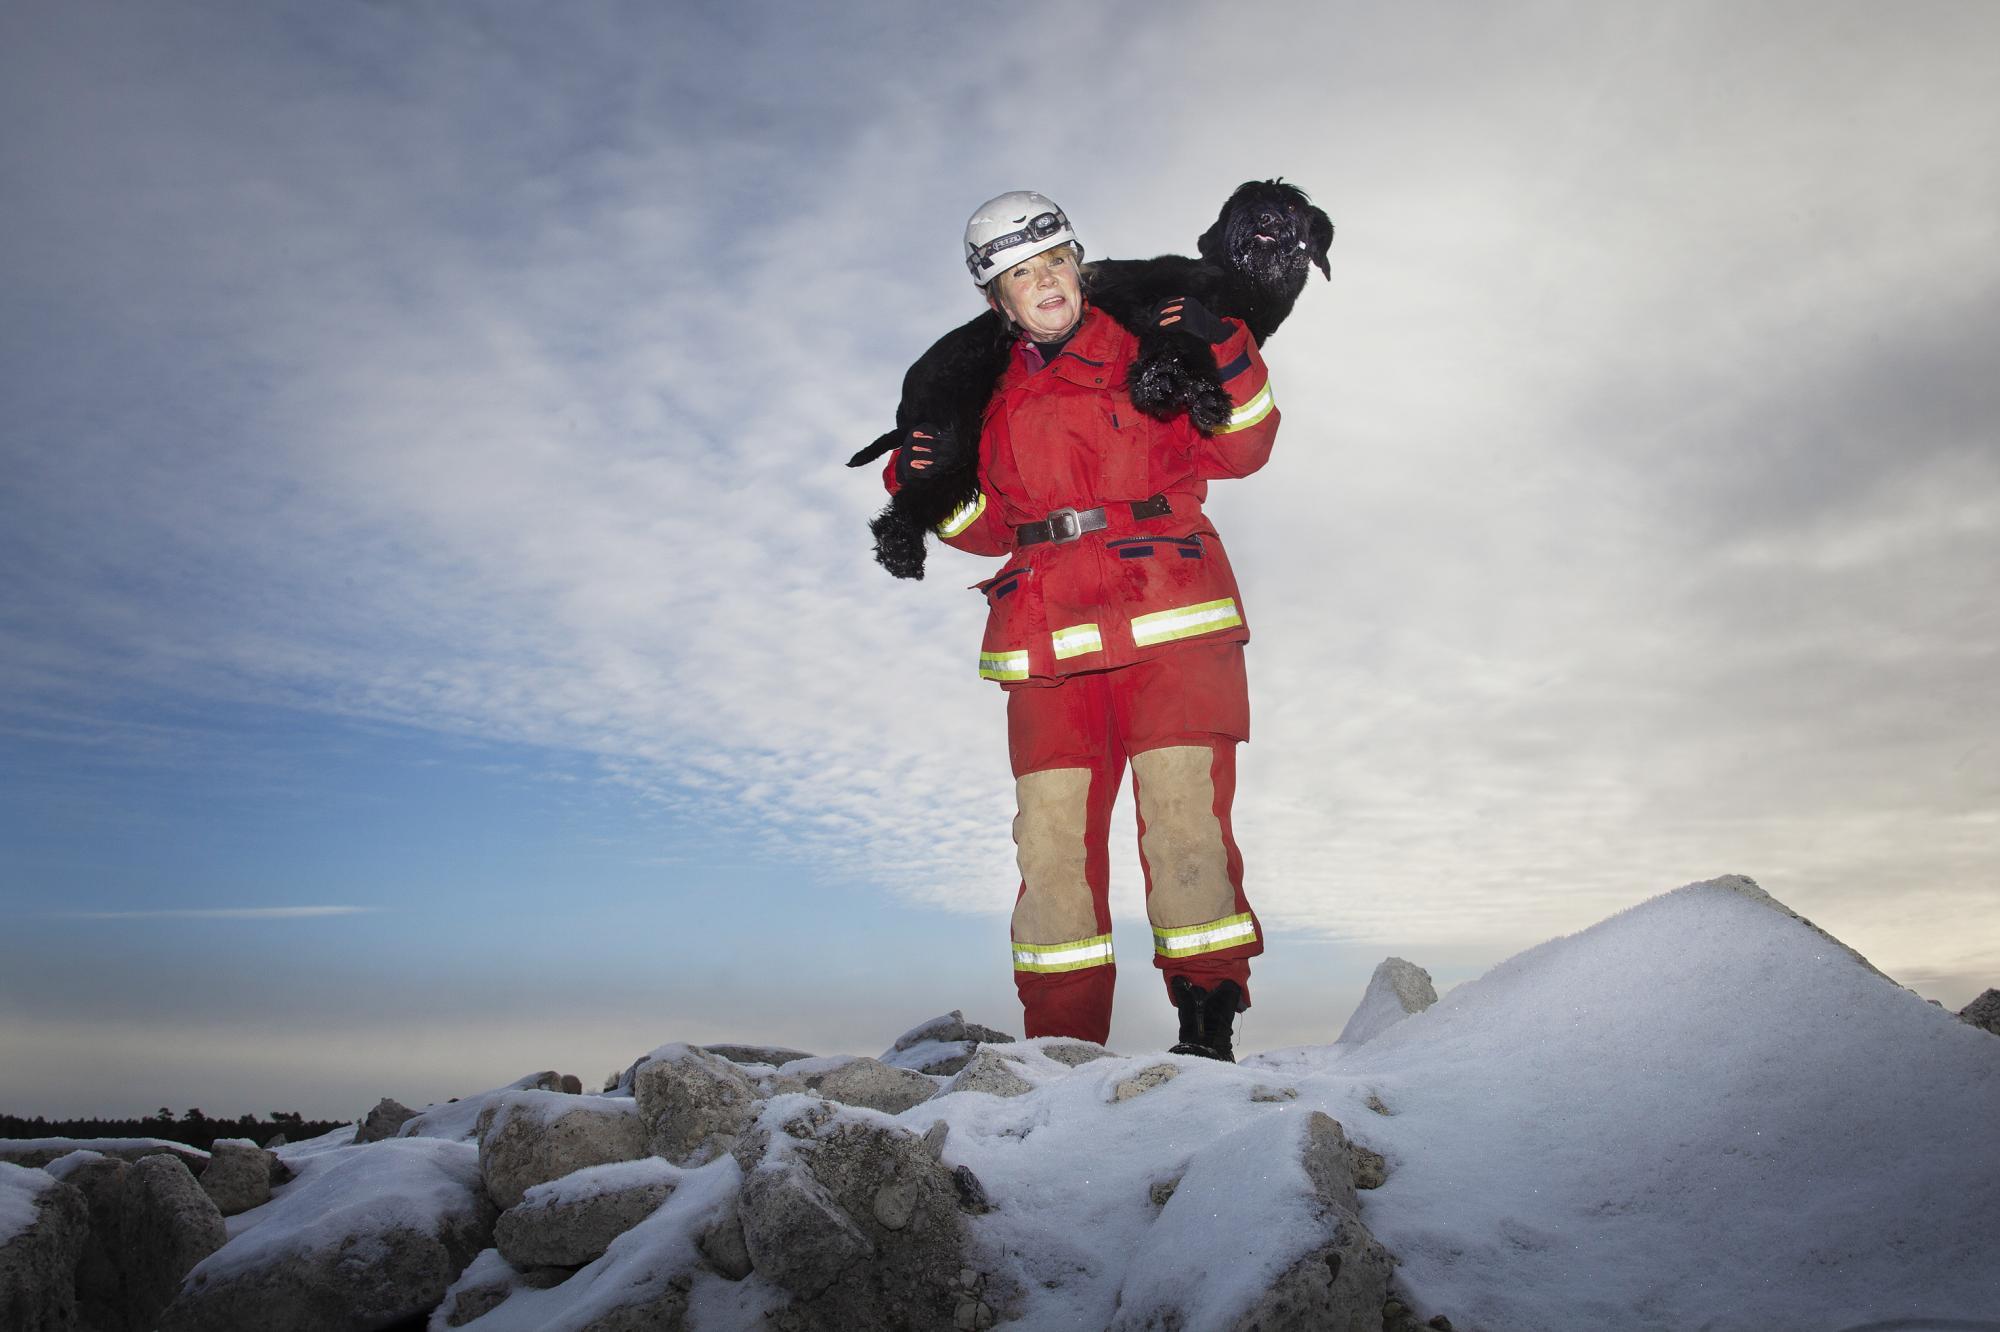 En räddningshund måste acceptera att bli buren och för att orka bära Putte en längre sträcka är han tränad att ligga på hennes axlar.